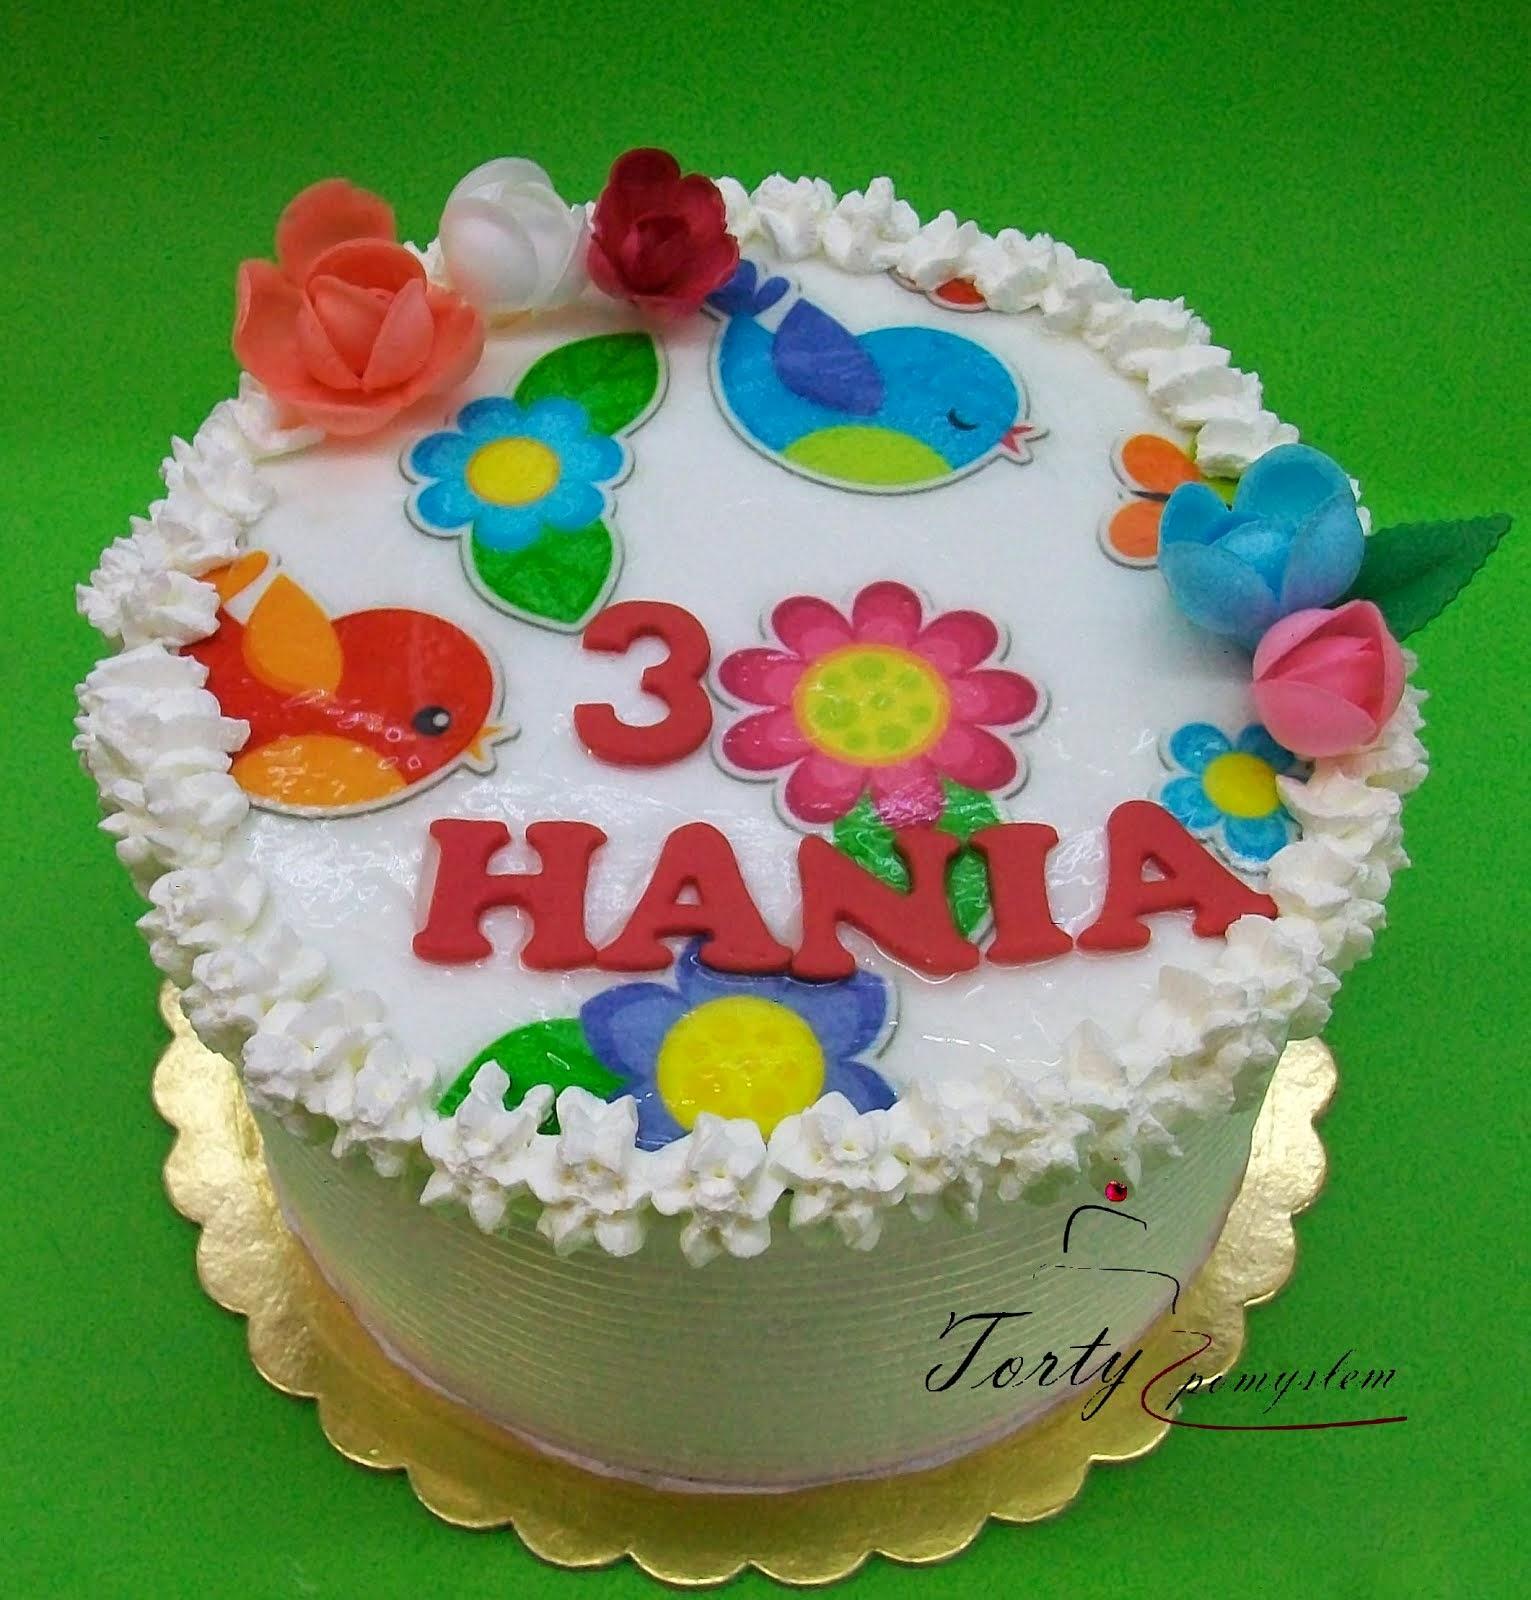 tort bez masy cukrowej z wydrukiem na opłatku